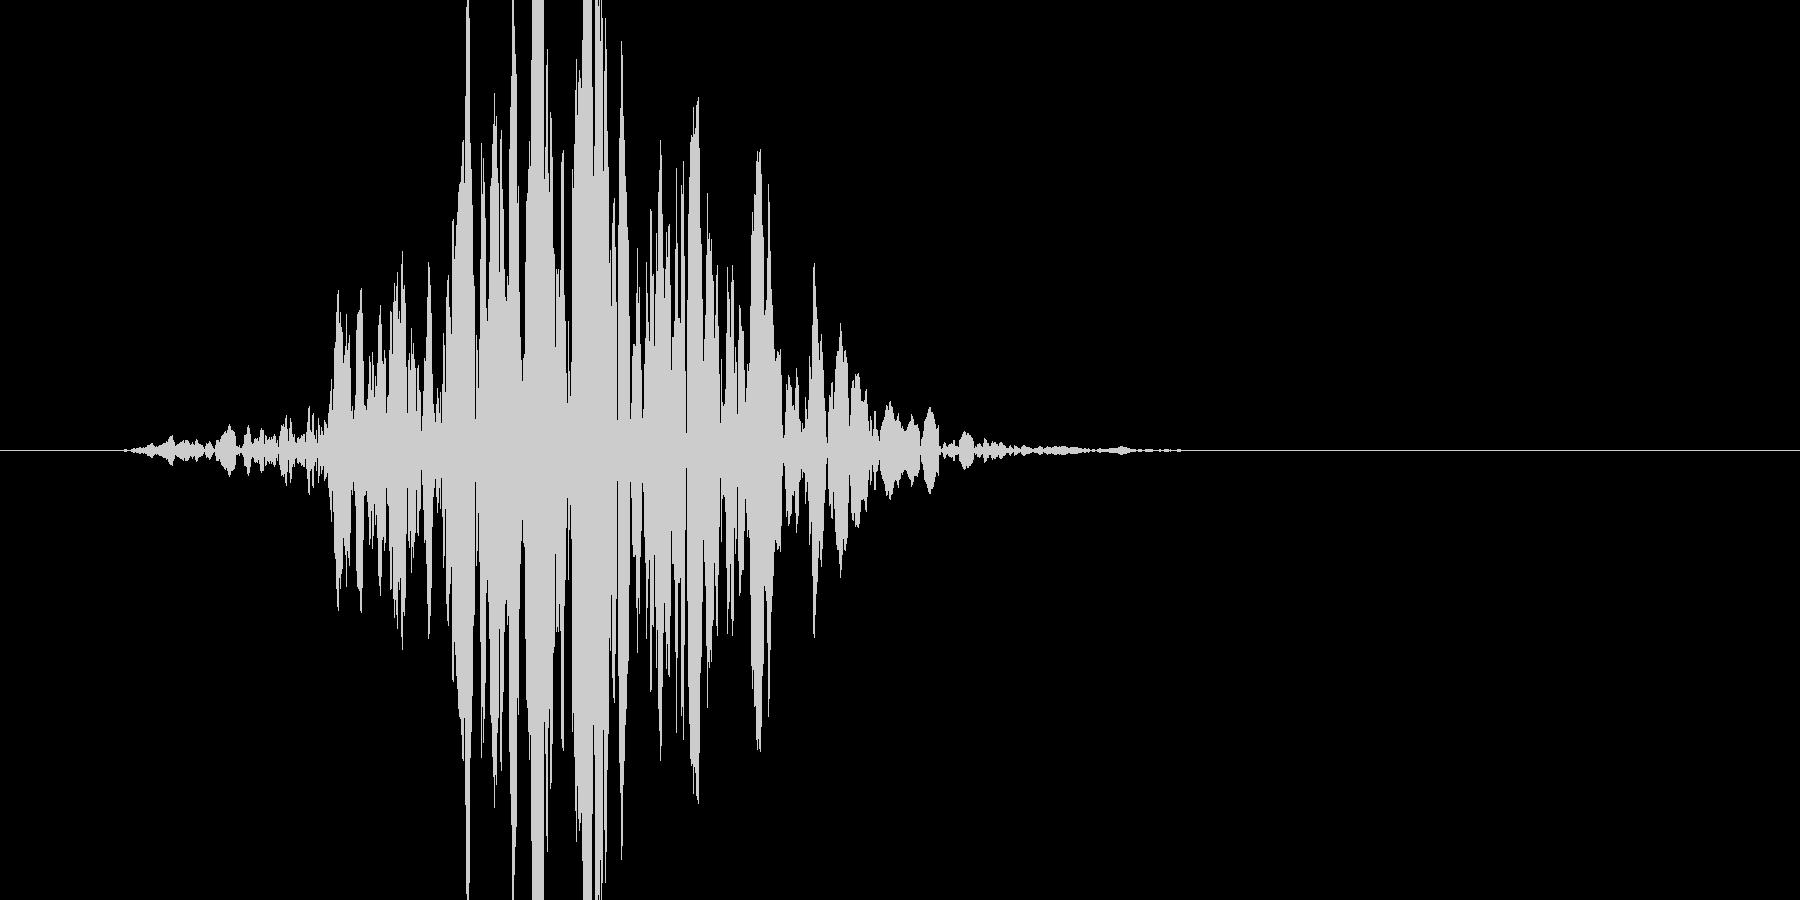 ブン! よく有るバットの素振り音です。の未再生の波形